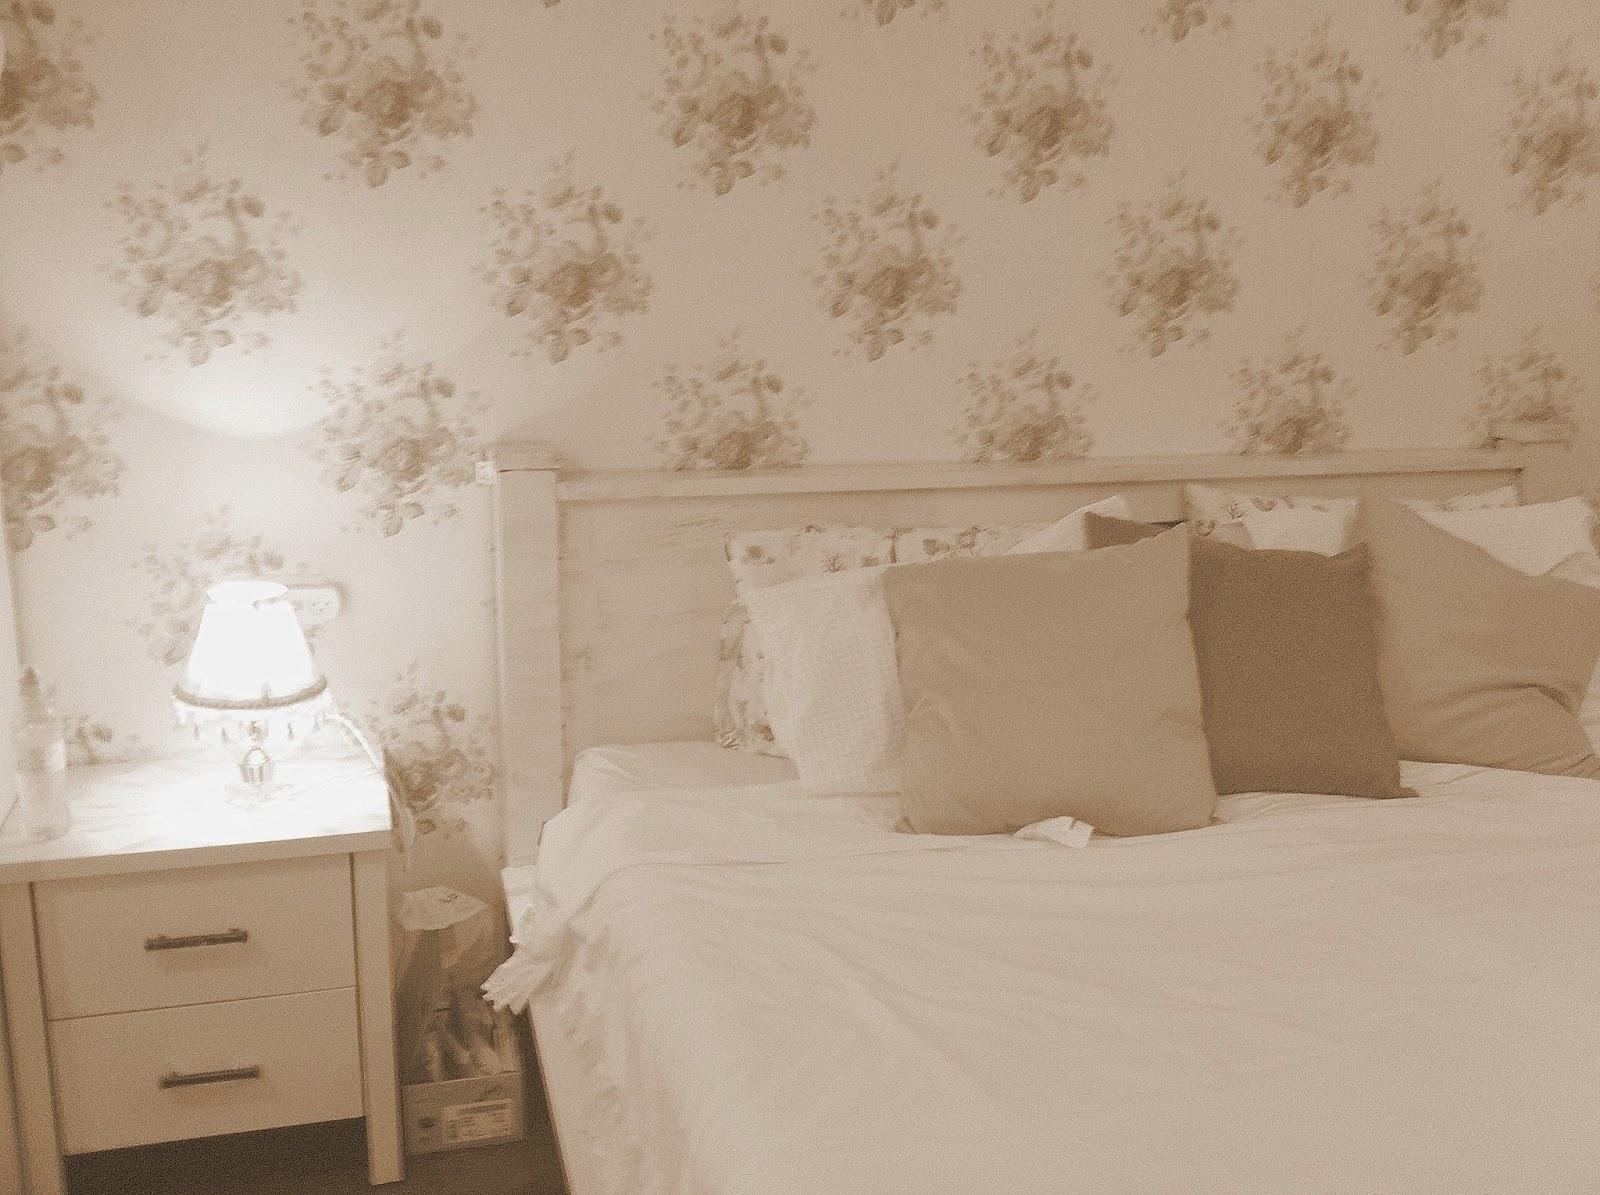 IMG 5802 - חדר שינה